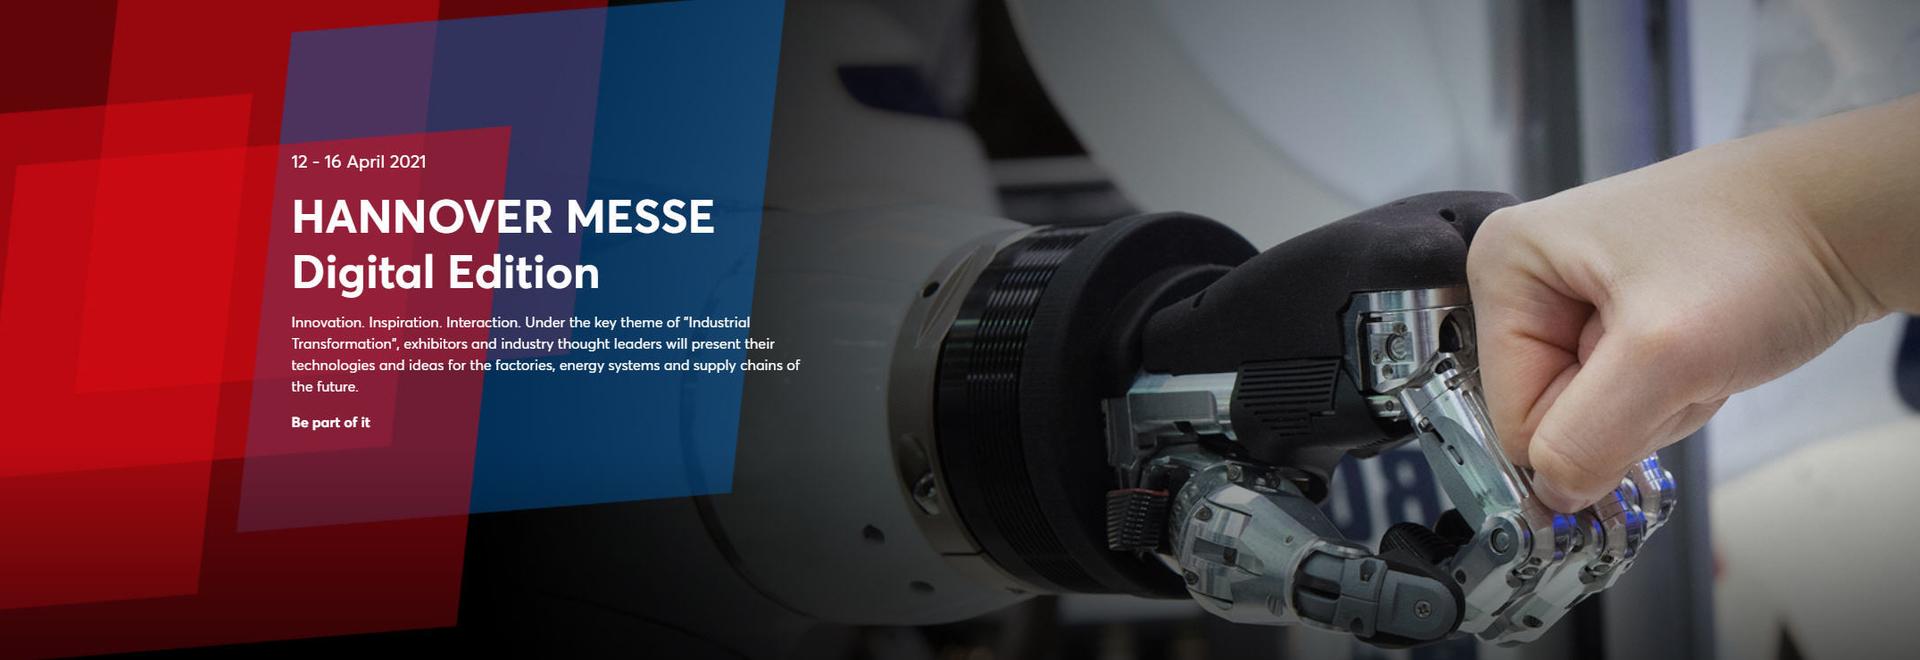 HANNOVER MESSE Digital Edition - Konferenzprogramm ist online